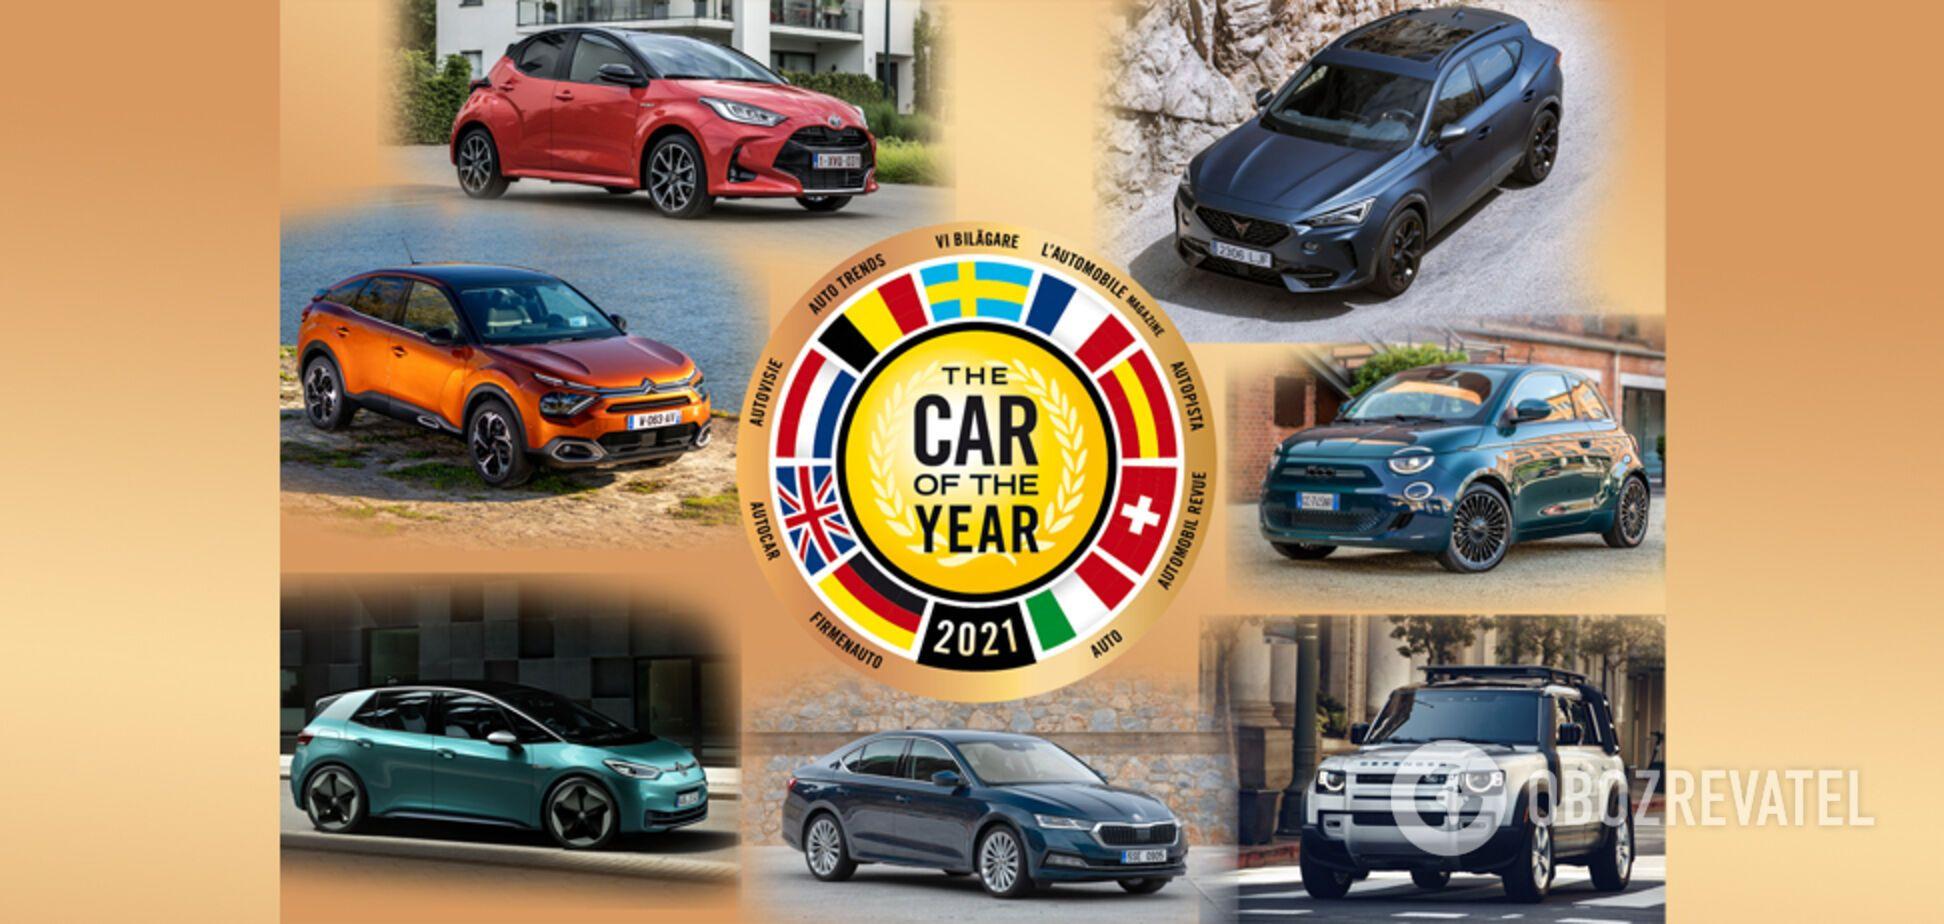 В Европе определили семерку финалистов конкурса 'Автомобиль года'